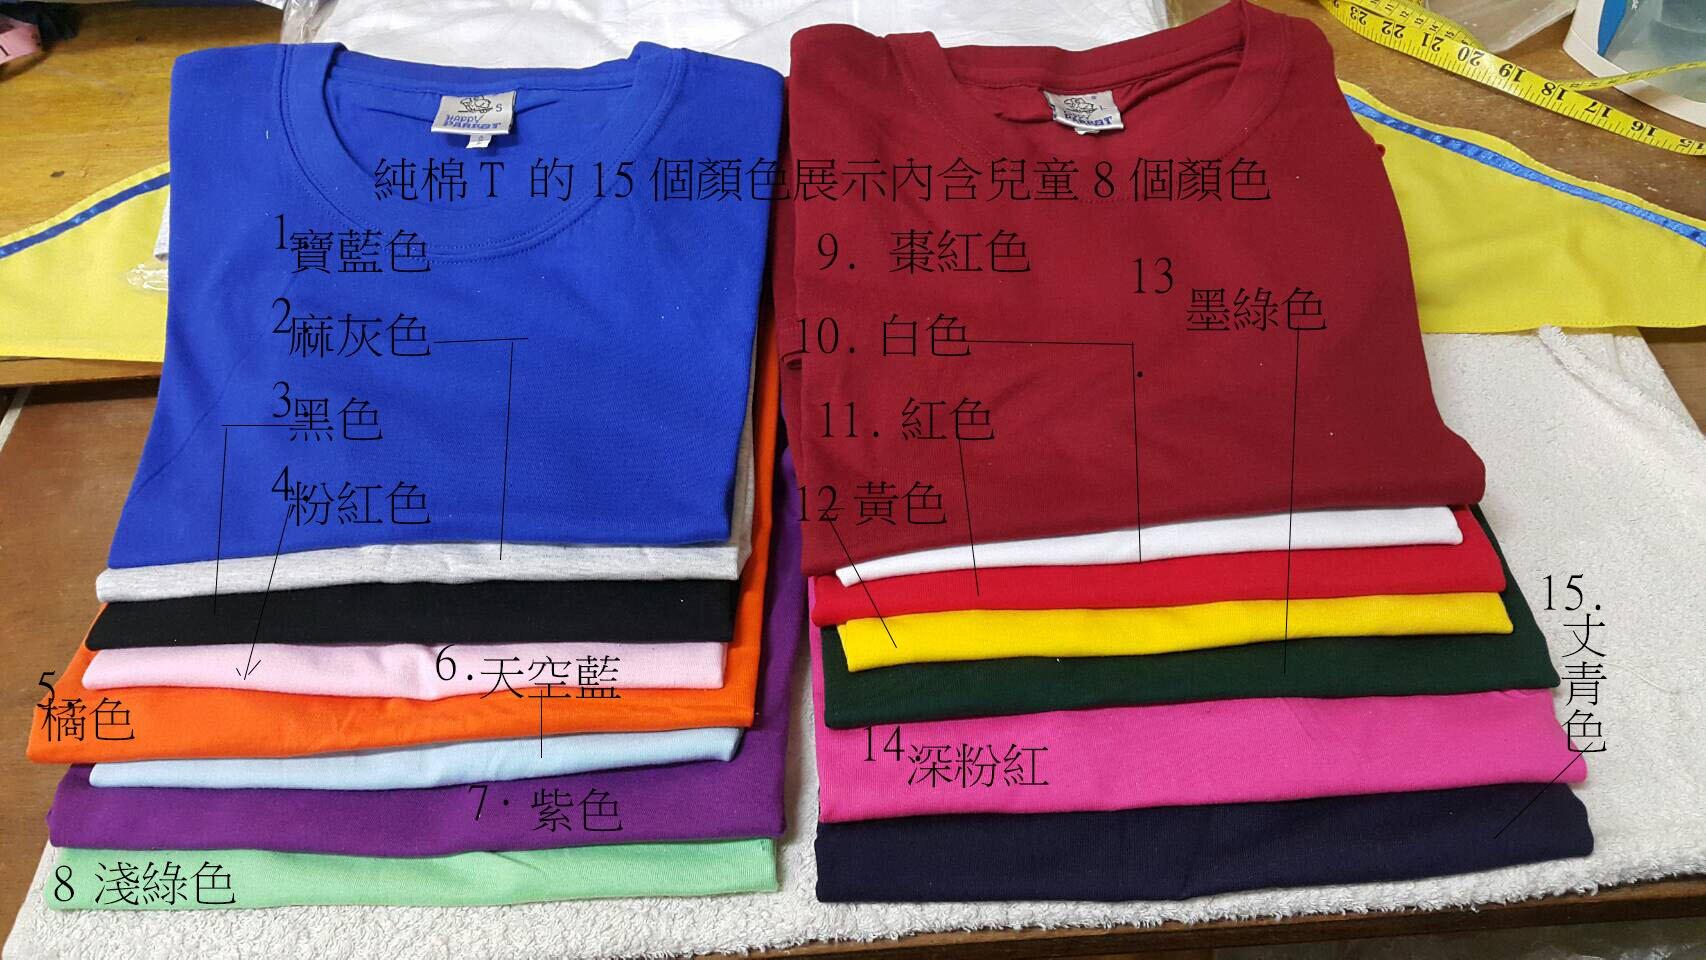 短袖精梳純棉小朋友圓領T恤- 粉紅色, 另外還有7個顏色選購,歡迎團購和團服專業訂製